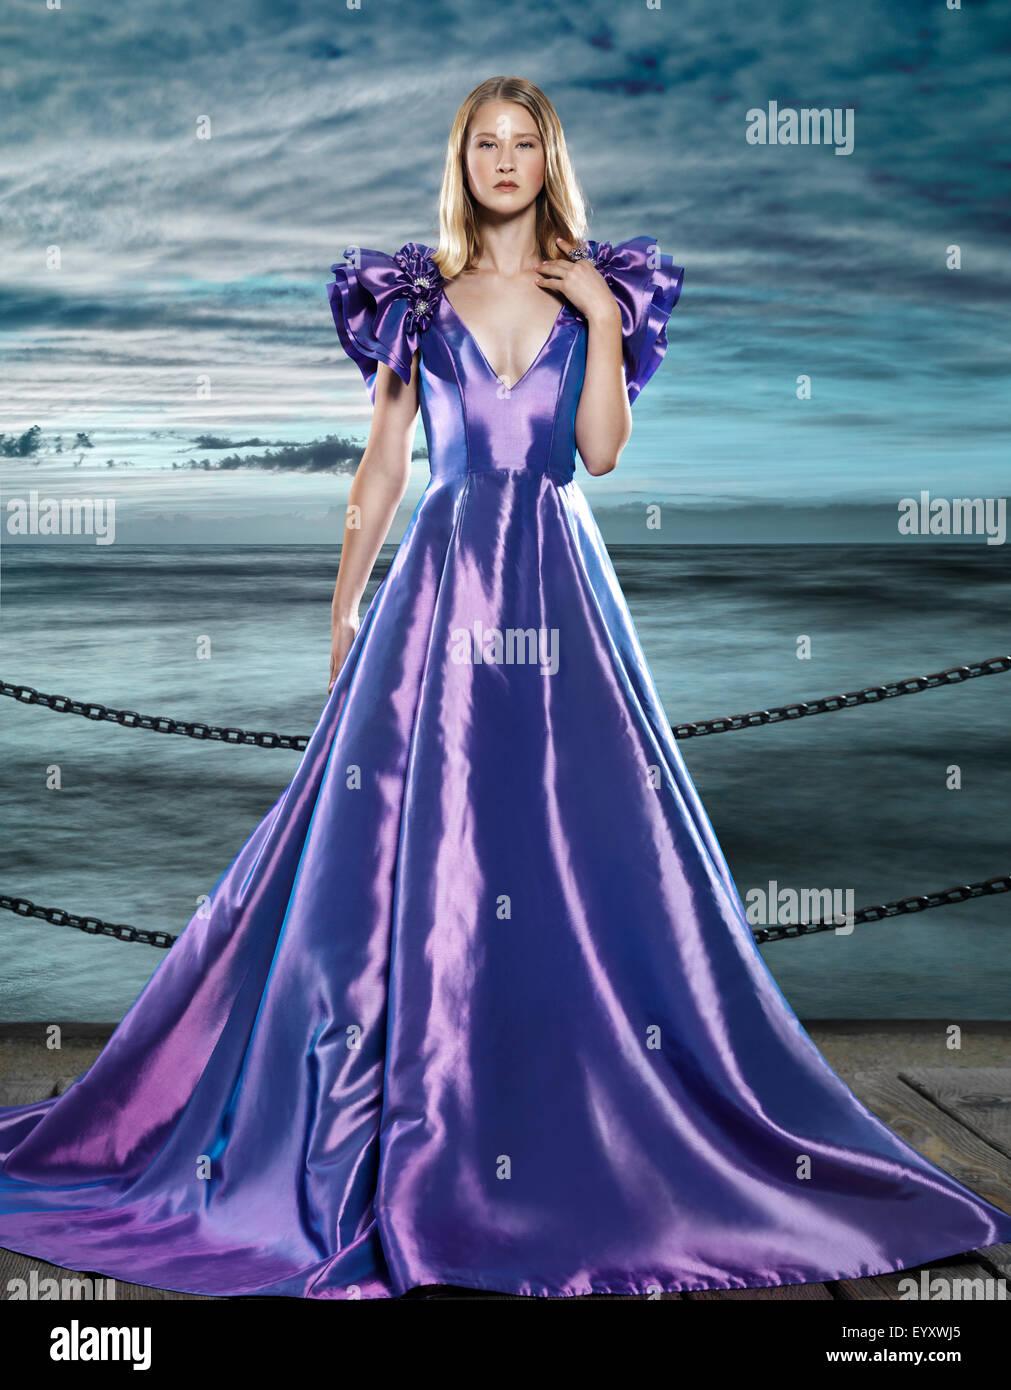 Jeune femme blonde vêtue d'une belle et longue robe bleue, robe du soir, à bord de l'eau, fashion Photo Stock